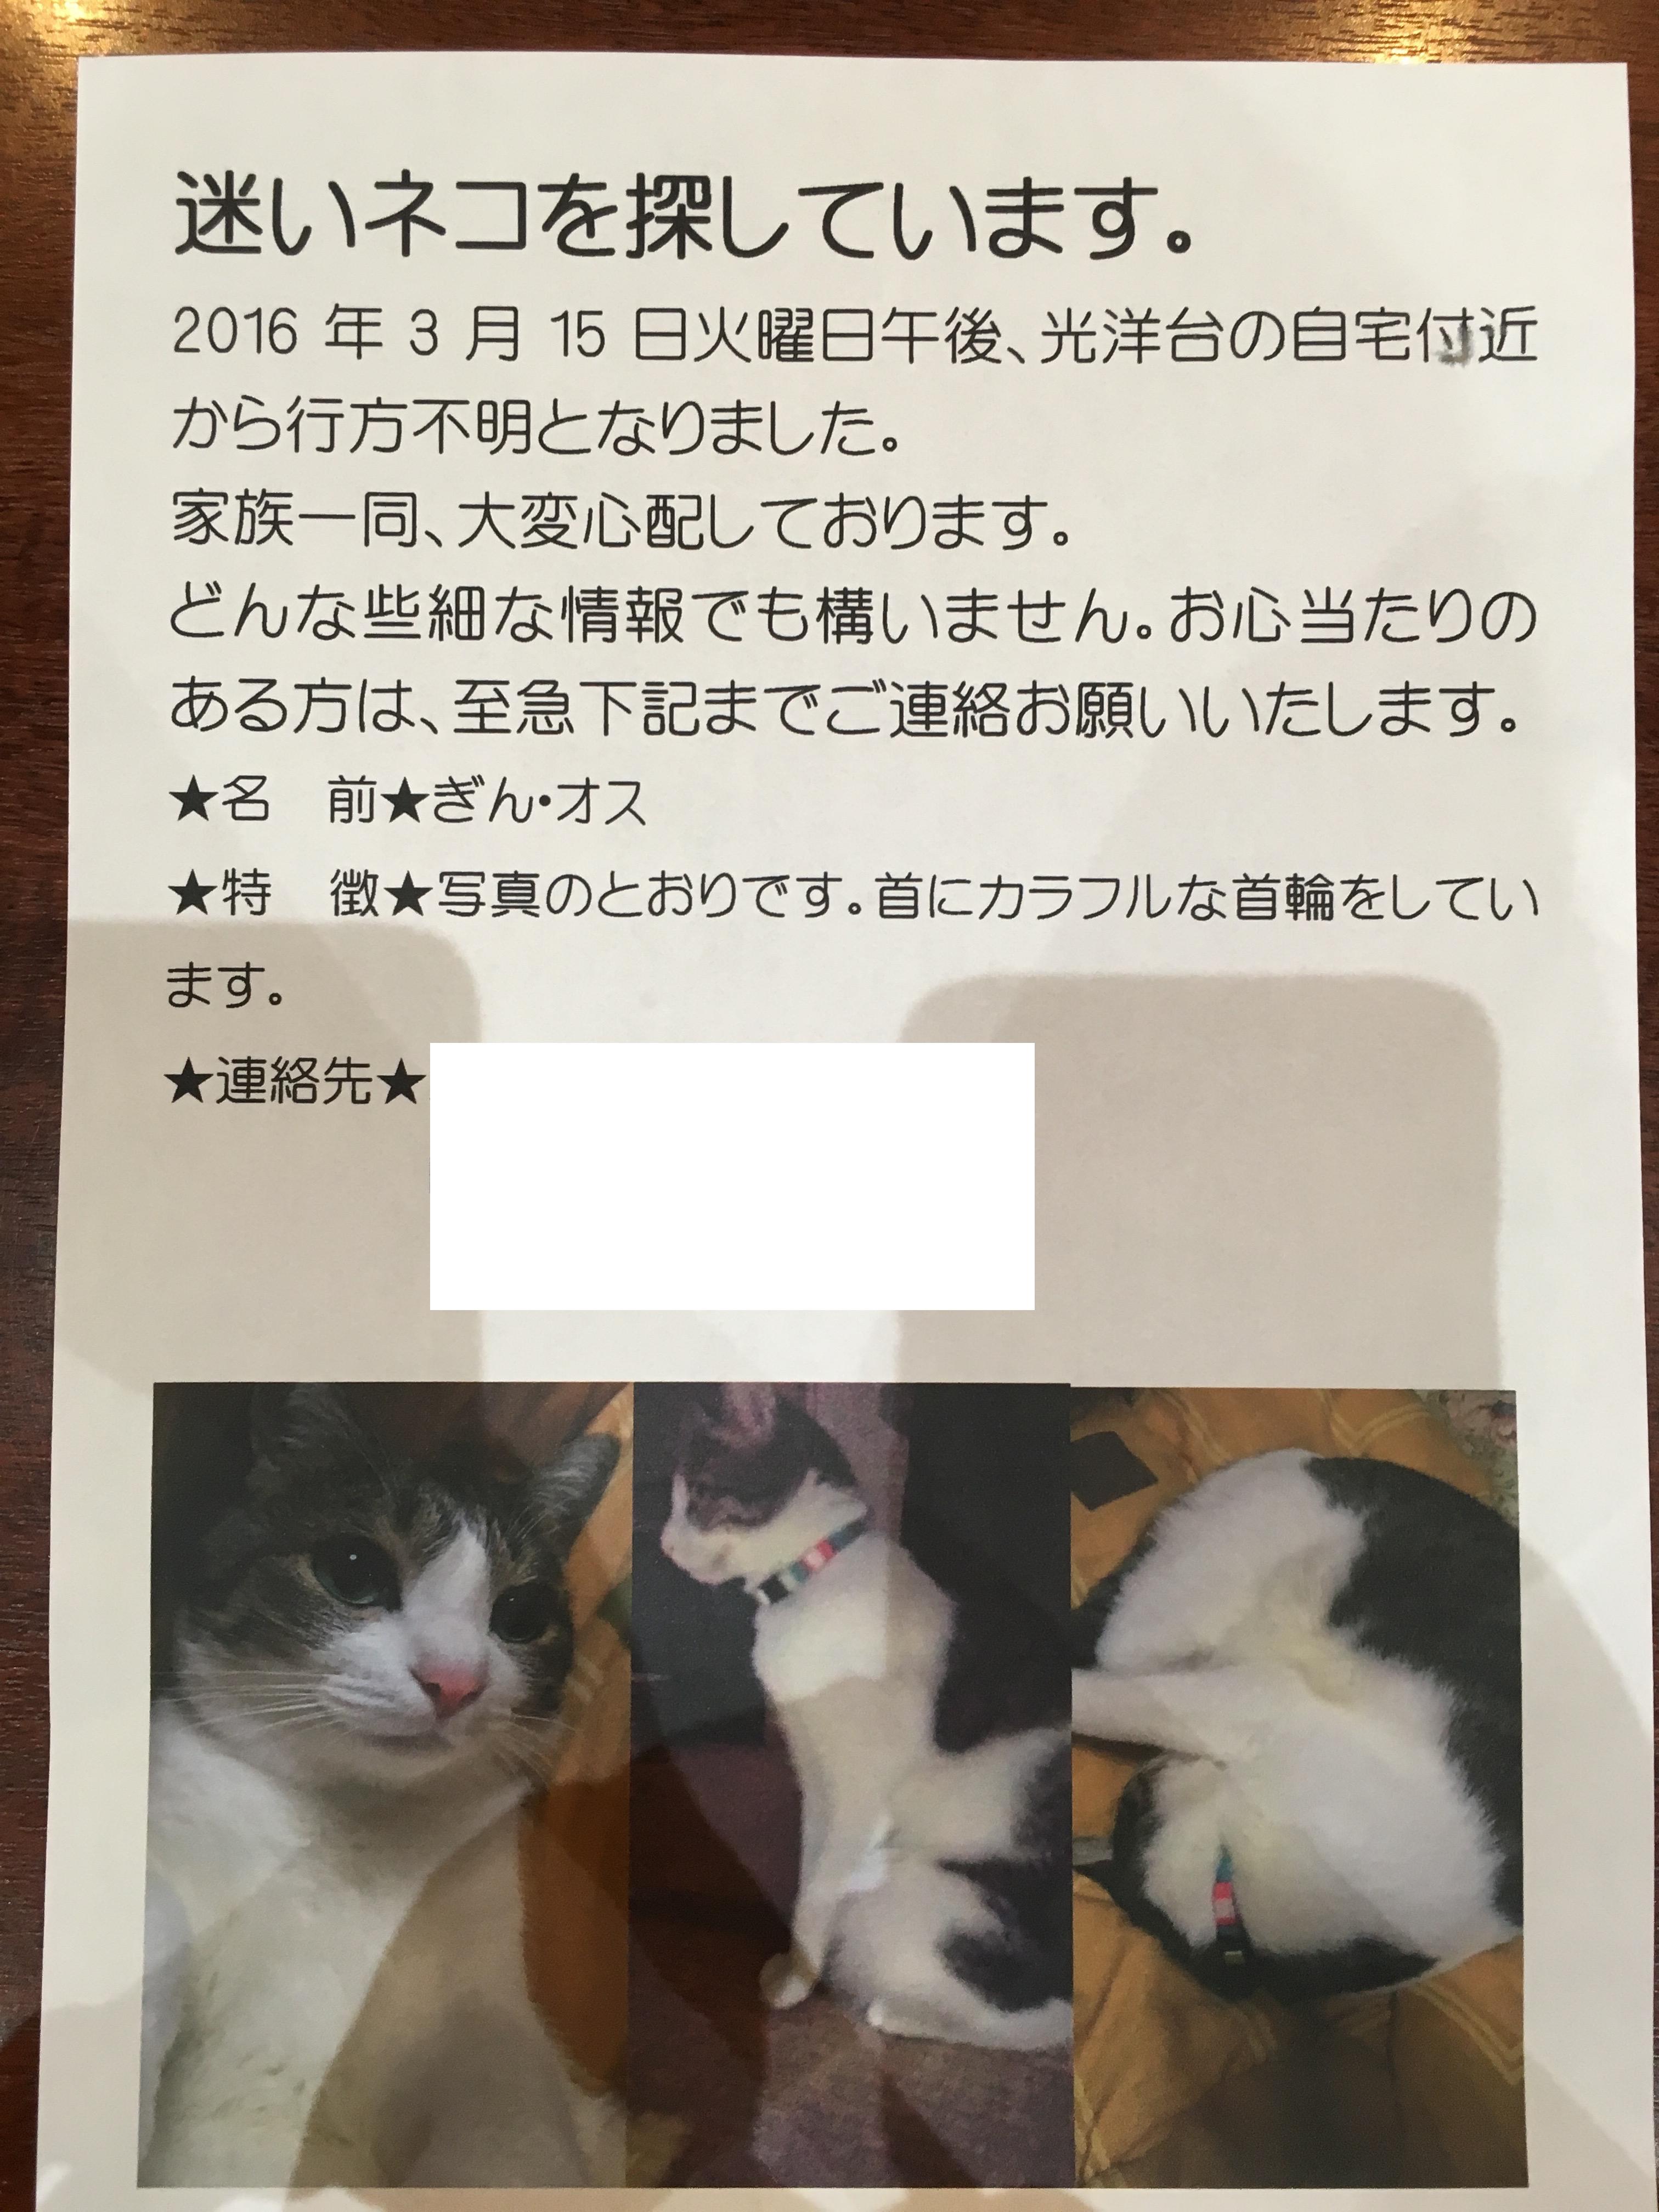 ネコちゃんを探しています。